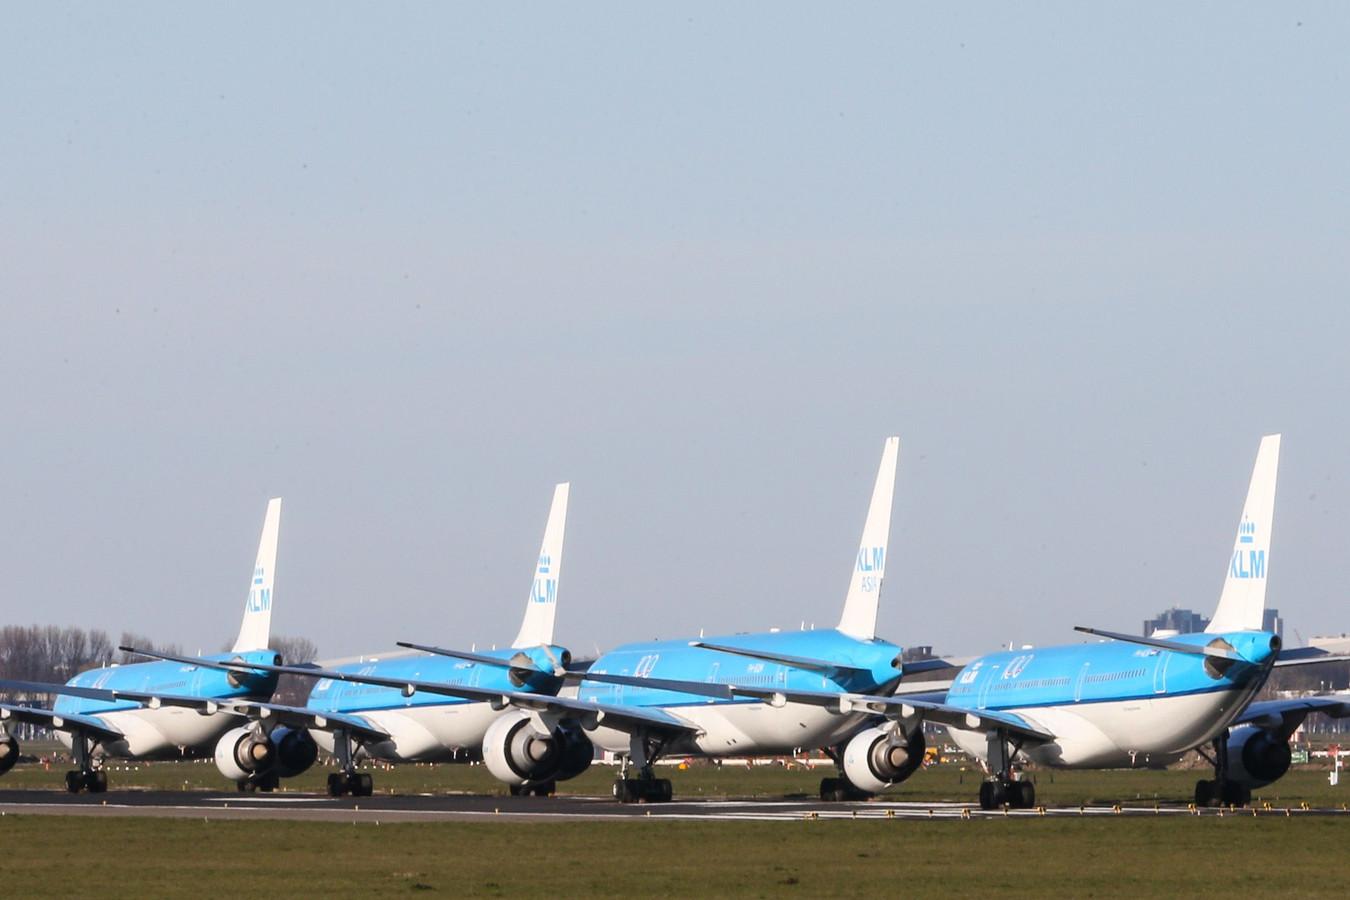 Vliegtuigen van KLM staan geparkeerd op de Aalsmeerbaan van Schiphol tot het reguliere vliegverkeer wordt hervat.